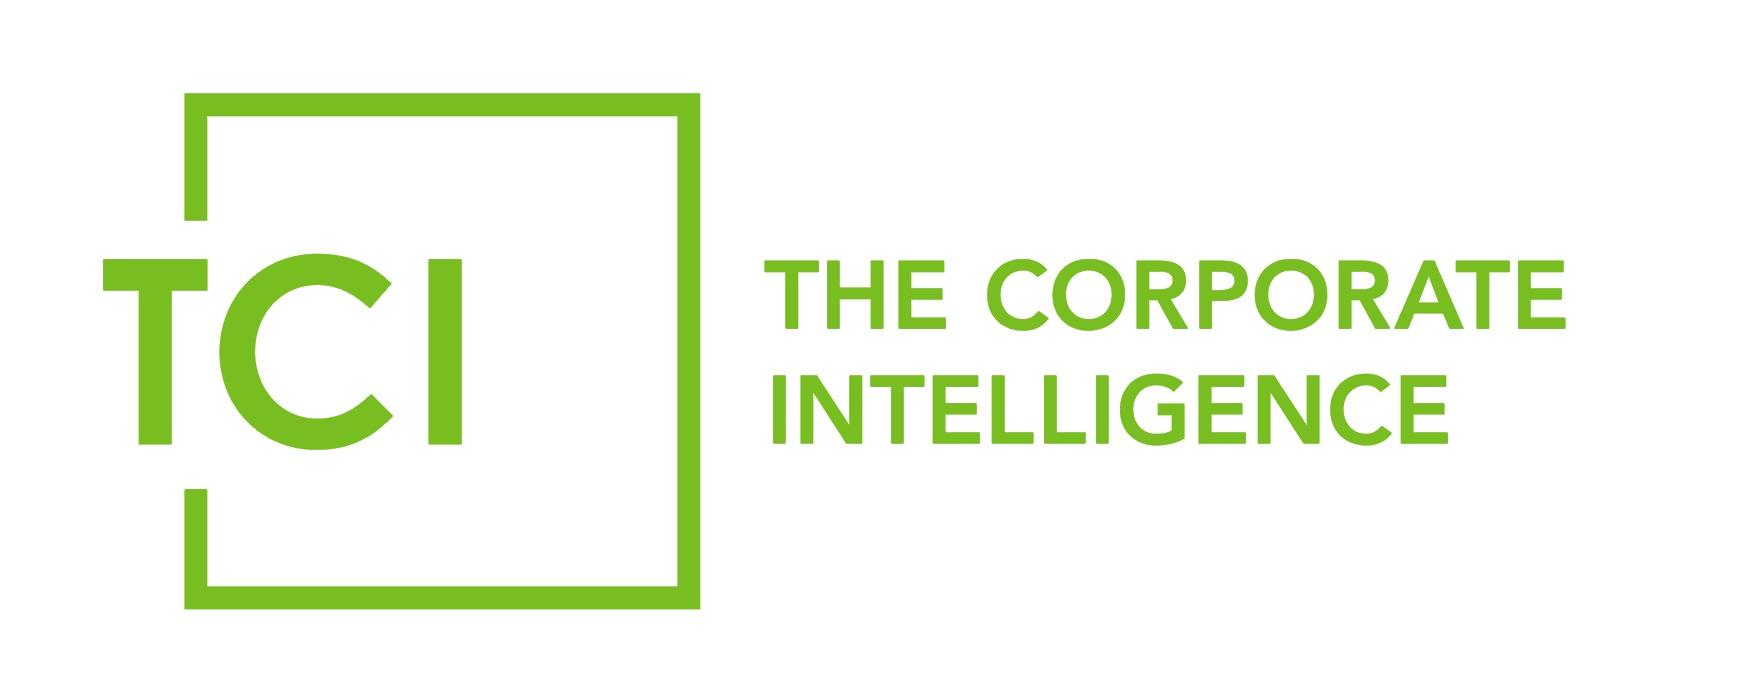 Logo von TCI – The Corporate Intelligence in Grün auf Weiß